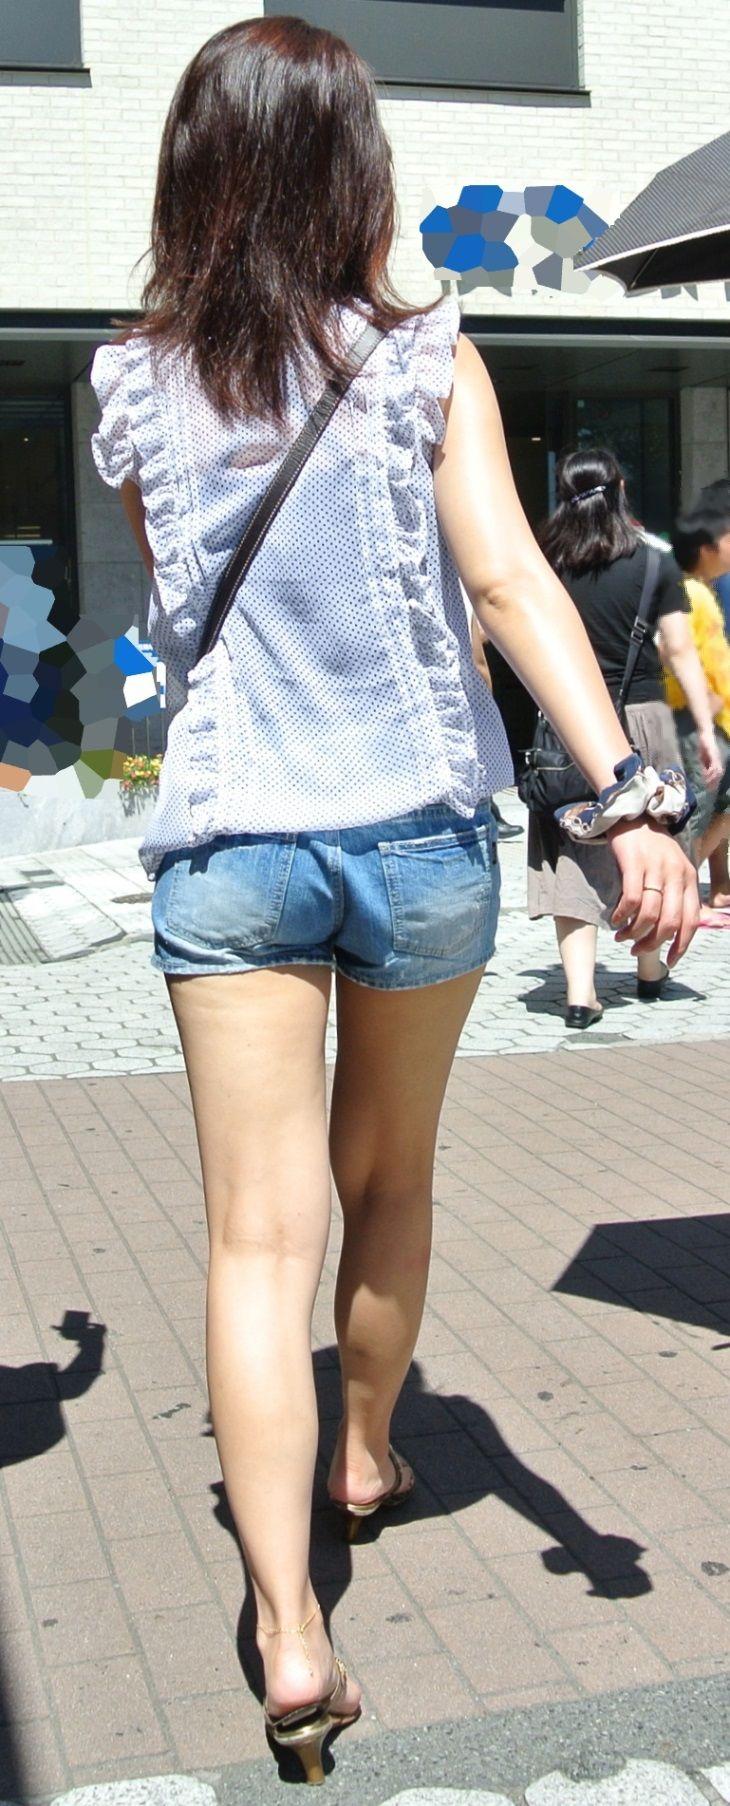 【街撮り美脚エロ画像】街中で見かけた美脚な女の子の画像集めたったwww 26